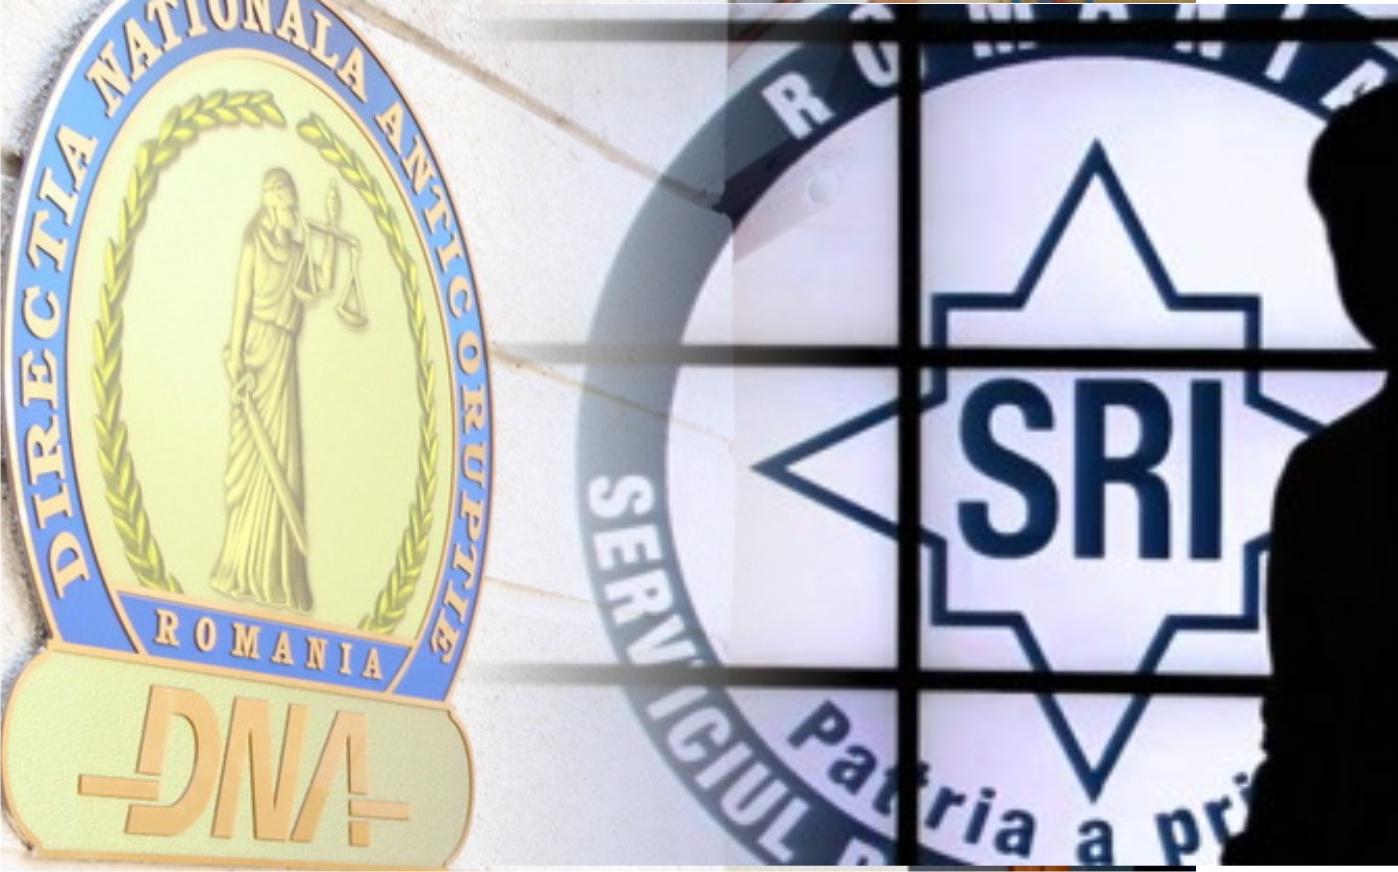 """DEZVALUIRE DE MAXIMA GRAVITATE: Consiliul Suprem de Aparare a Tarii """"legalizase"""", sub Traian Basescu, REINFIINTAREA DE FACTO A SECURITATII SI INSTITUIREA """"BINOMULUI SRI-DNA""""! <i>""""Justitia – camp tactic pentru servicii""""</i> – prin DECIZII SECRETE ILEGALE care sfideaza chiar STATUL DE DREPT si ORDINEA CONSTITUTIONALA!/ Sebastian Ghita: KOVESI SI COLDEA SUNT OFITERI AI UNUI SERVICIU SECRET STRAIN/ Dezvaluirile transfugului Ghita si SERVITUTEA VOLUNTARA"""